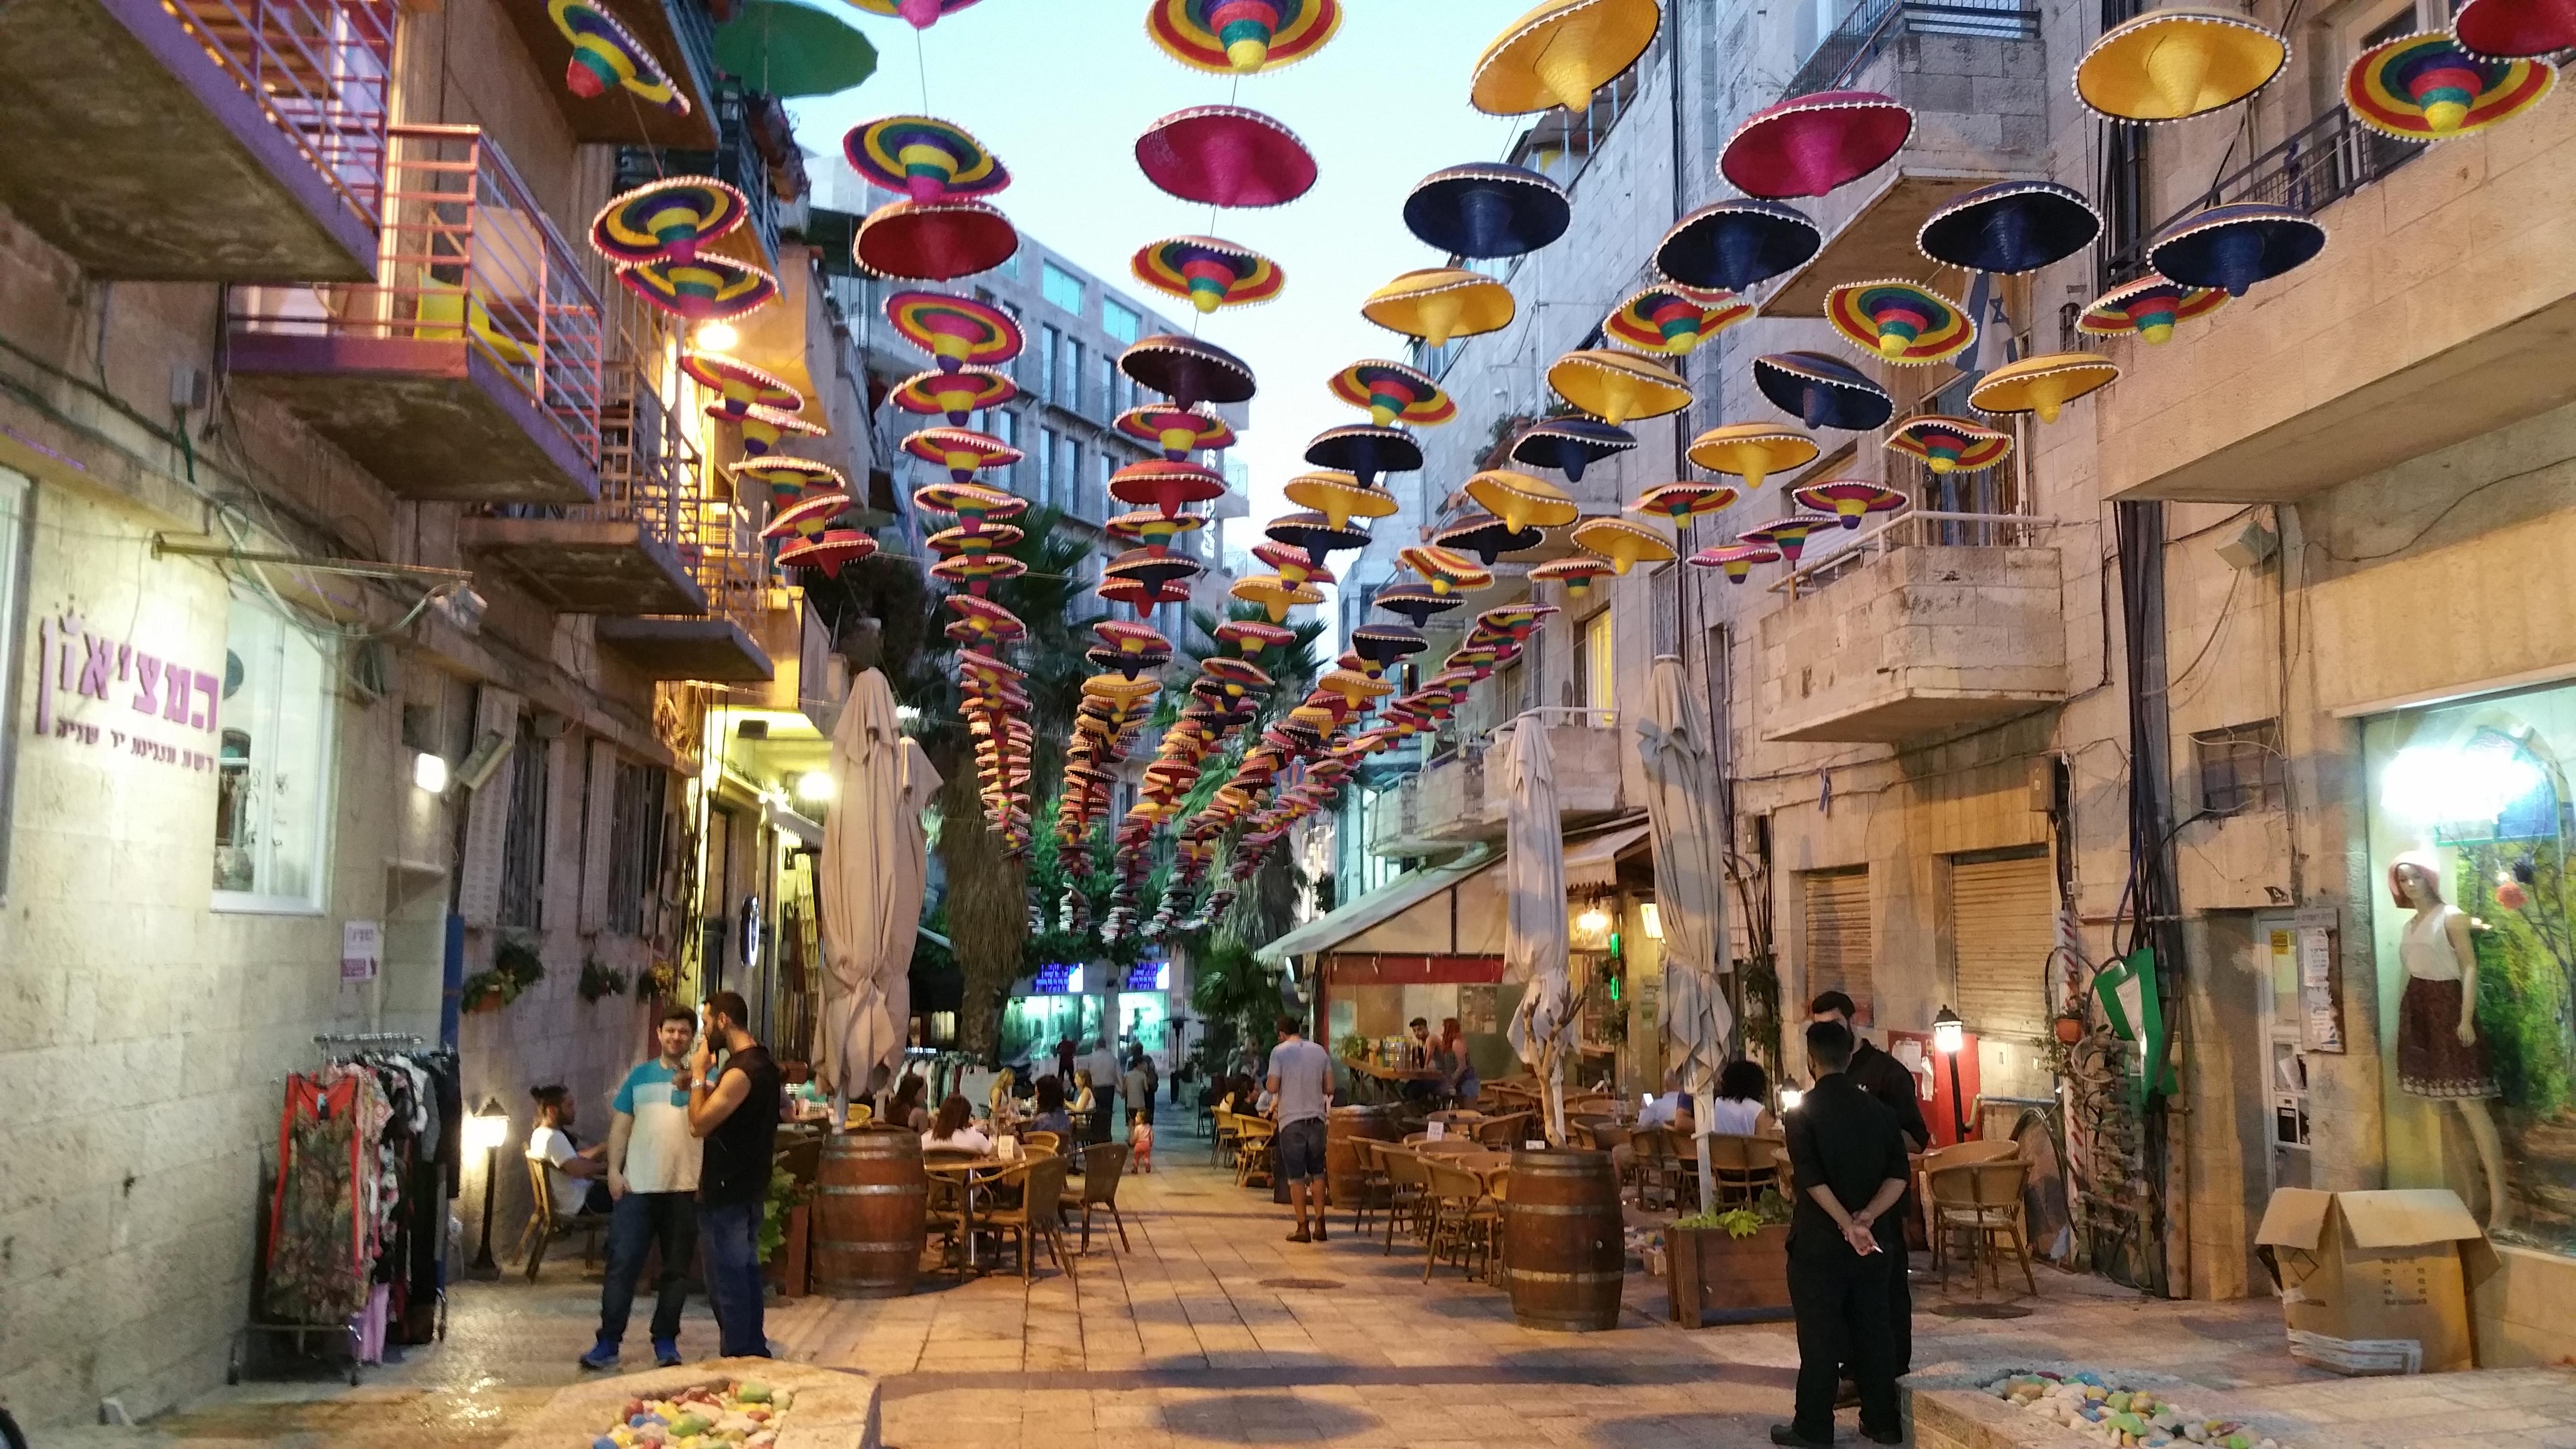 Sommer in Jerusalem